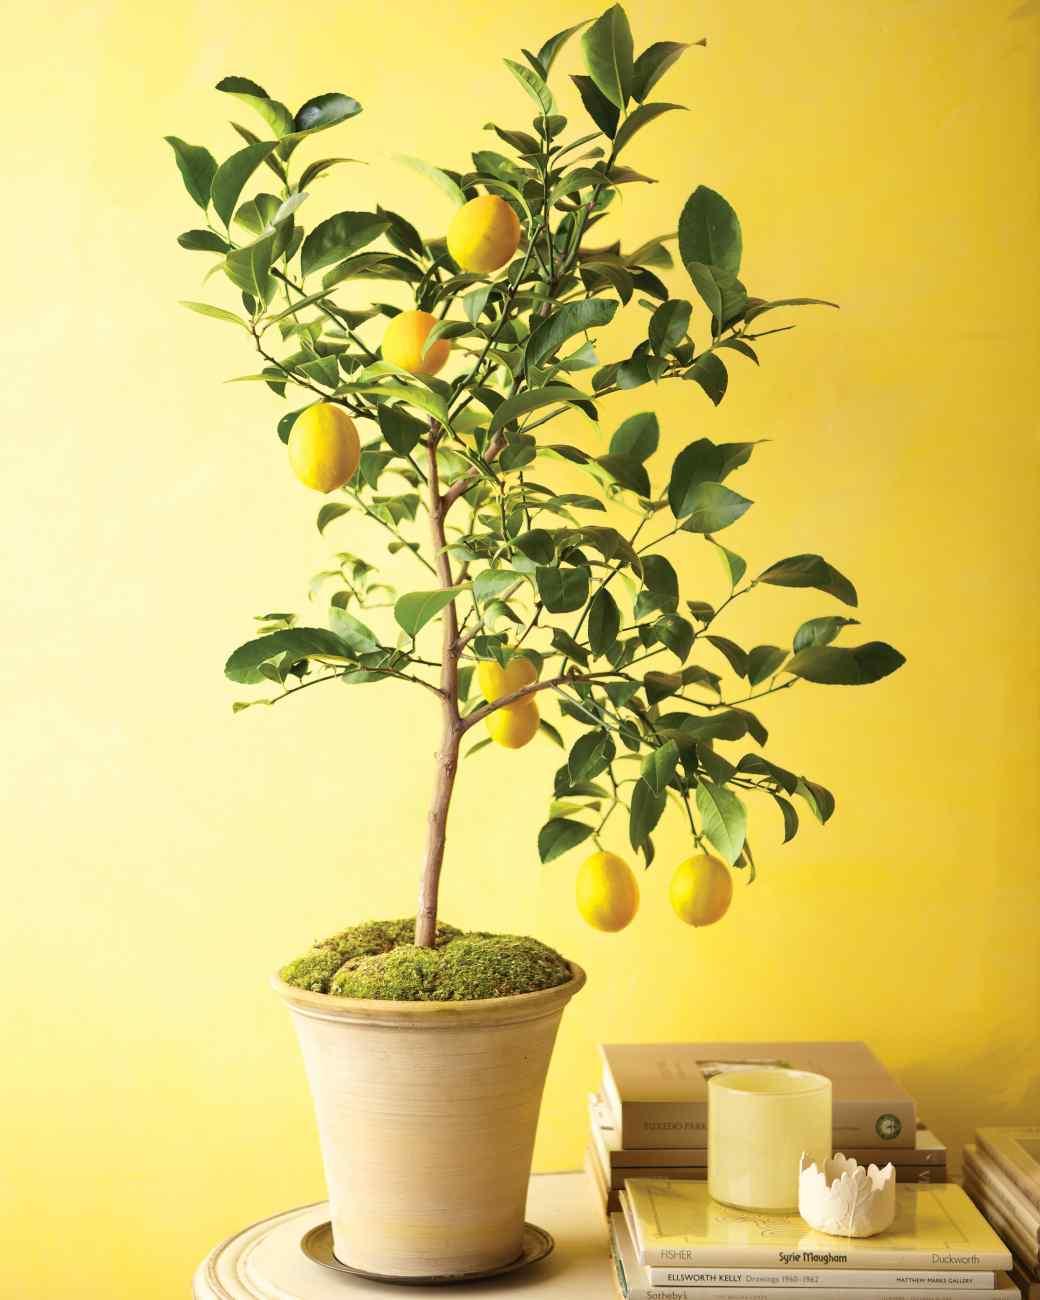 How to Grow Fruit Trees Indoors| Indoor Plants, Indoor Garden, Indoor Gardening, Gardening Ideas, Indoor Gardening Ideas, DIY Garden Ideas #IndoorPlants #IndoorGarden #IndoorGardening #GardeningIdeas